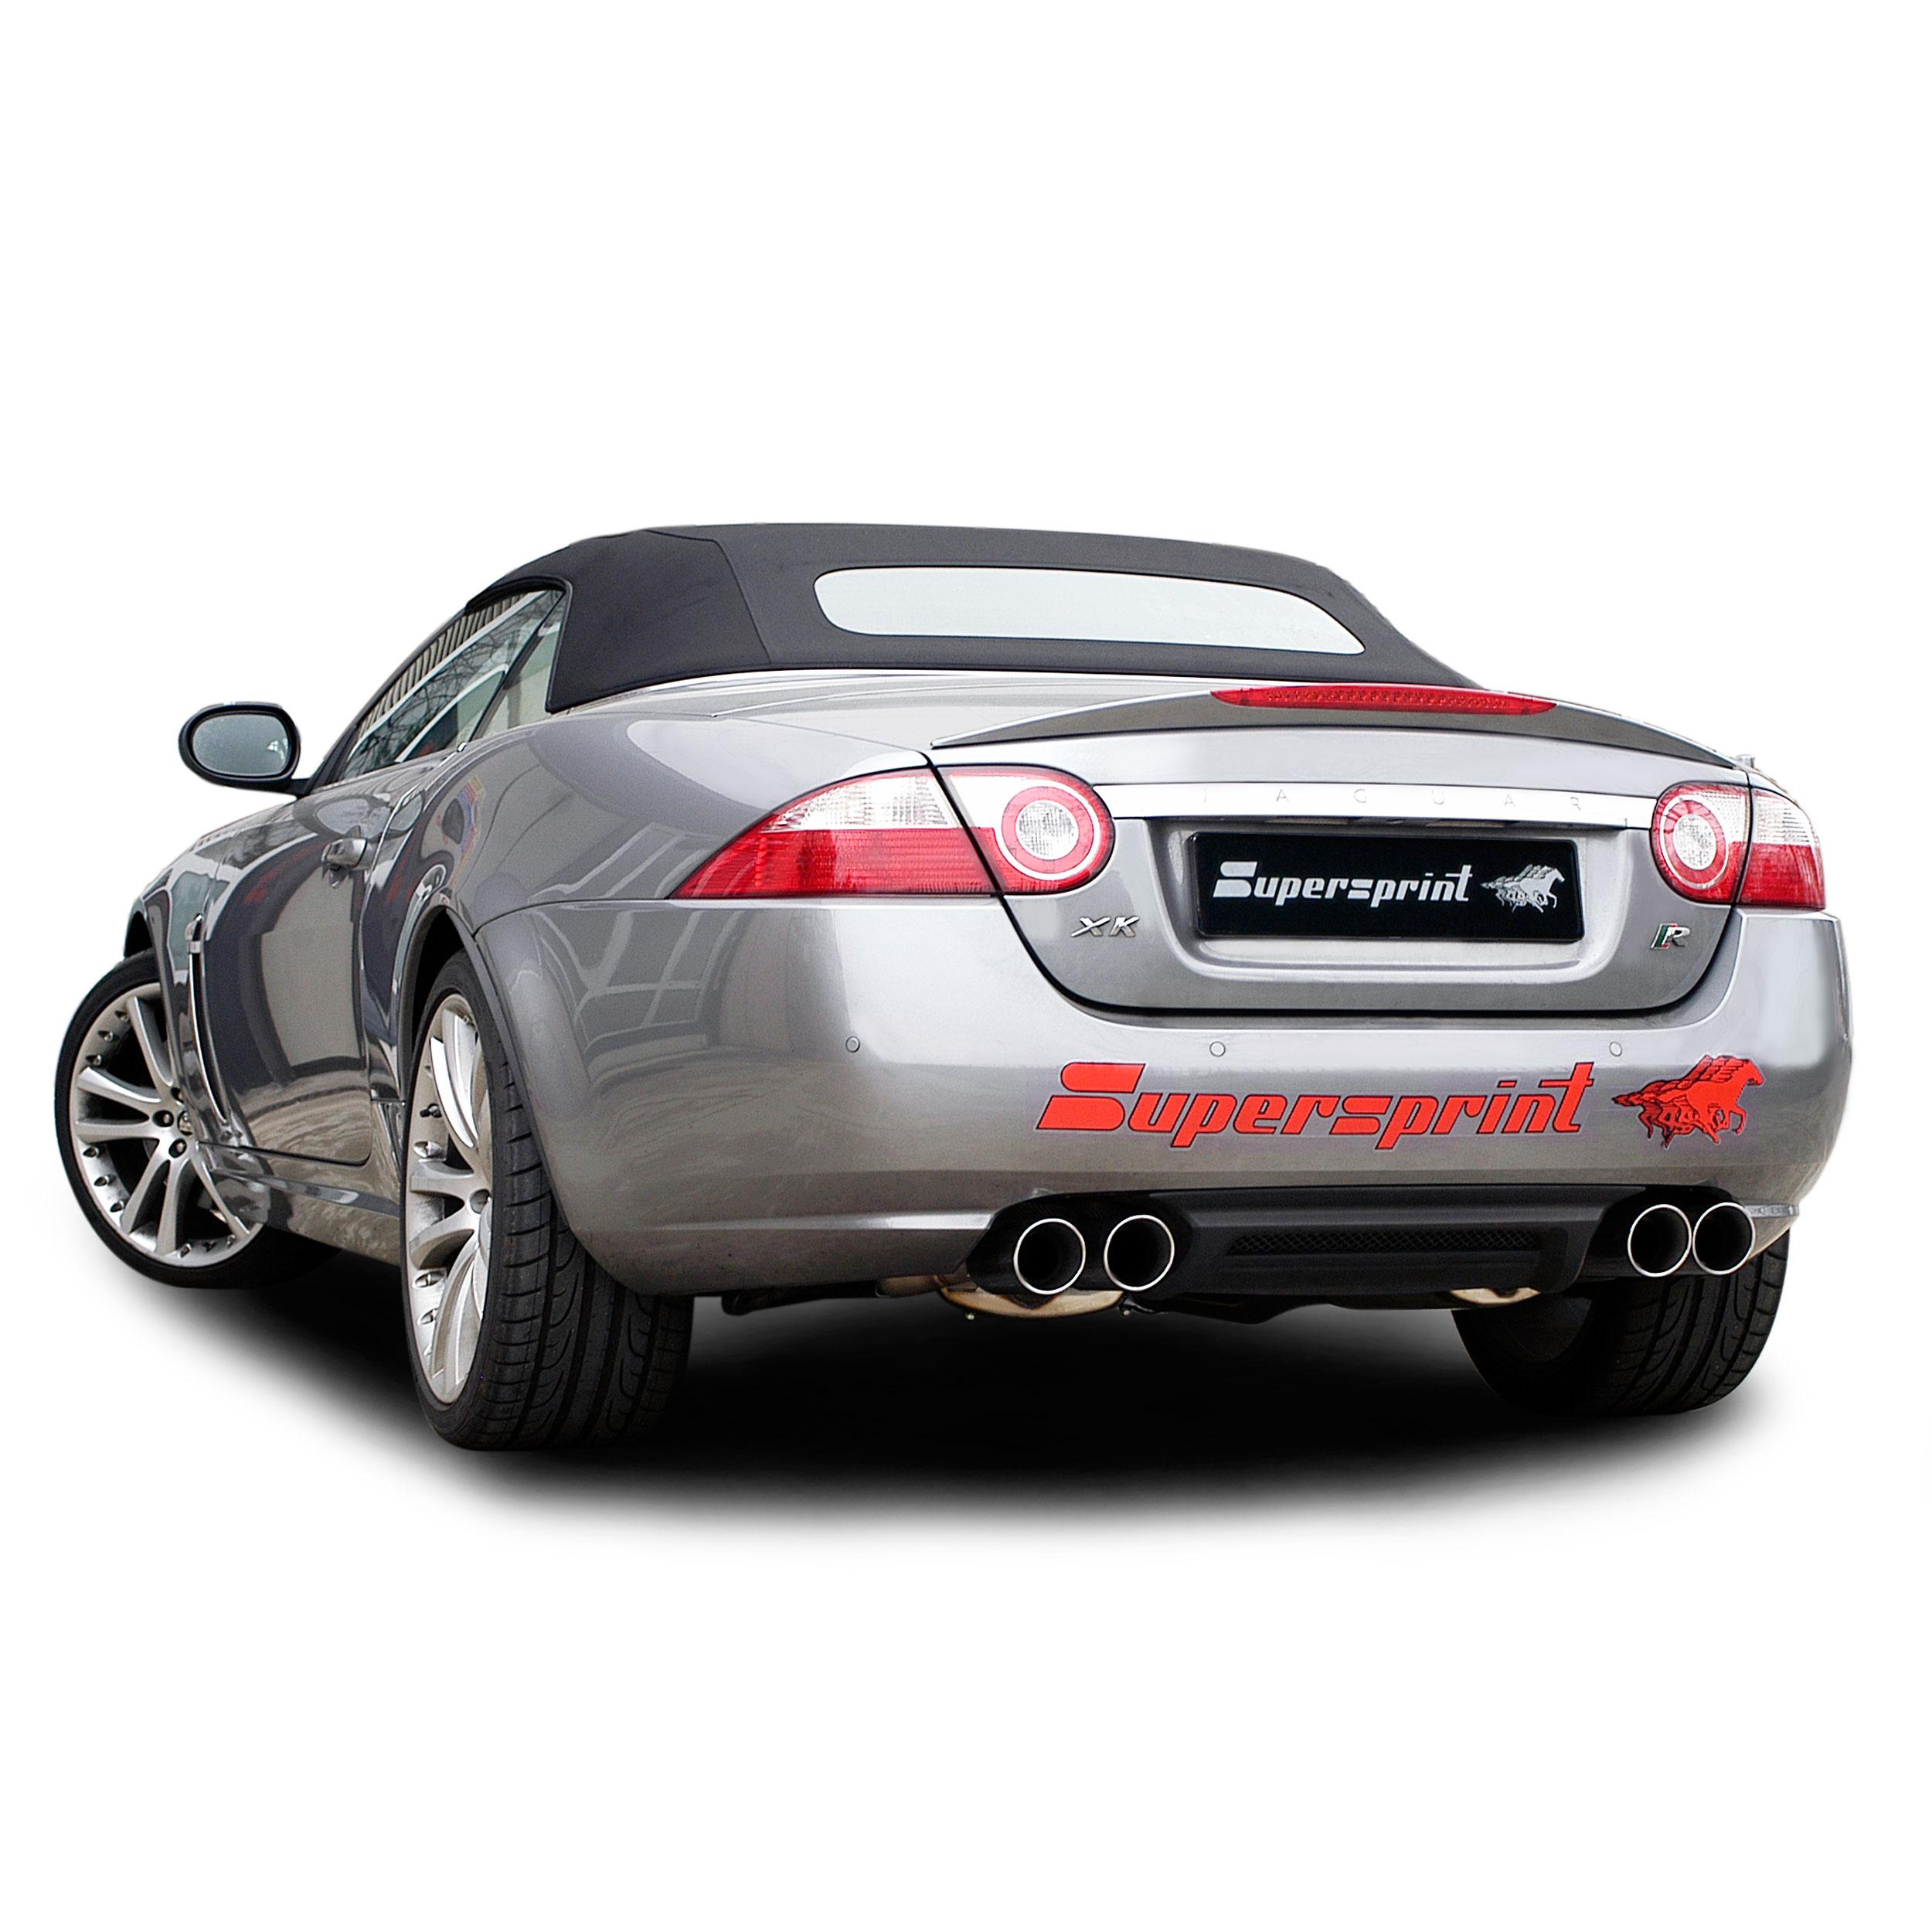 jaguar xkr coup cabrio v8 supercharged 39 06. Black Bedroom Furniture Sets. Home Design Ideas